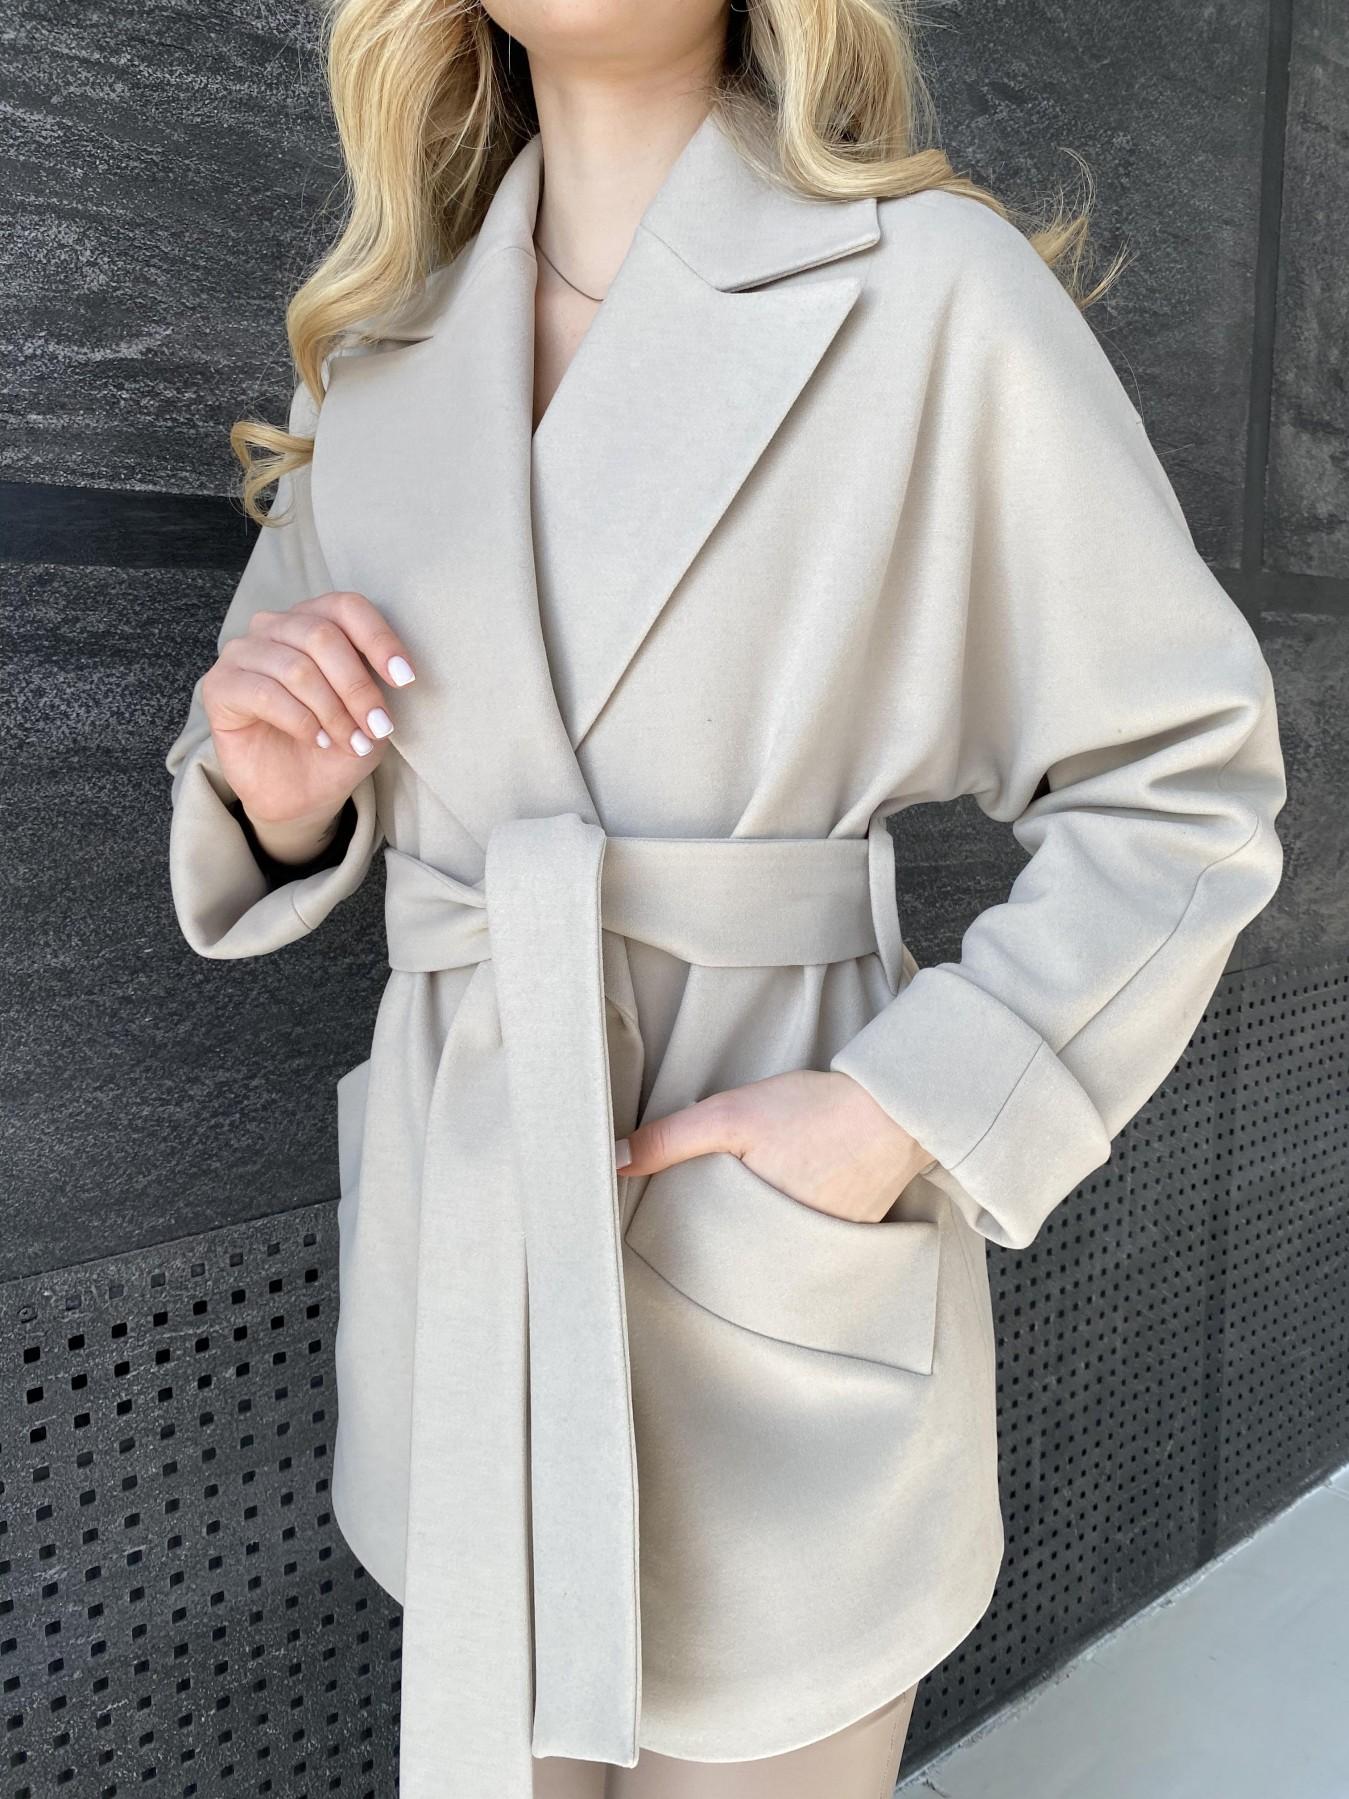 Дефиле пальто из кашемира 10585 АРТ. 47272 Цвет: Бежевый Светлый - фото 3, интернет магазин tm-modus.ru